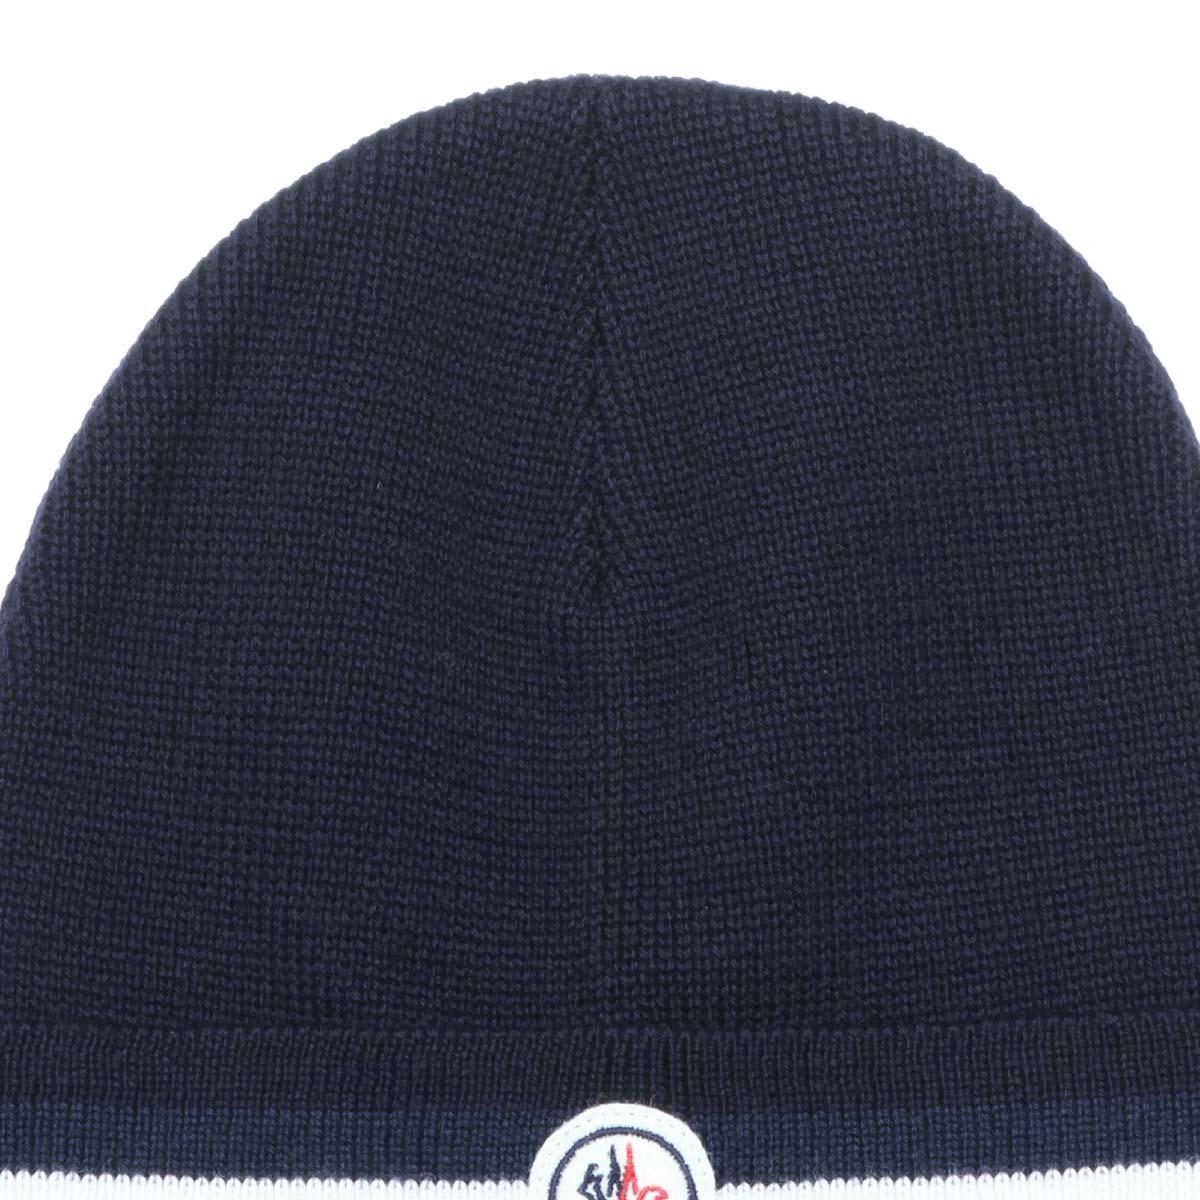 d32af50d9 importshopdouble  MONCLER MONCLER caps NAVY dark blue